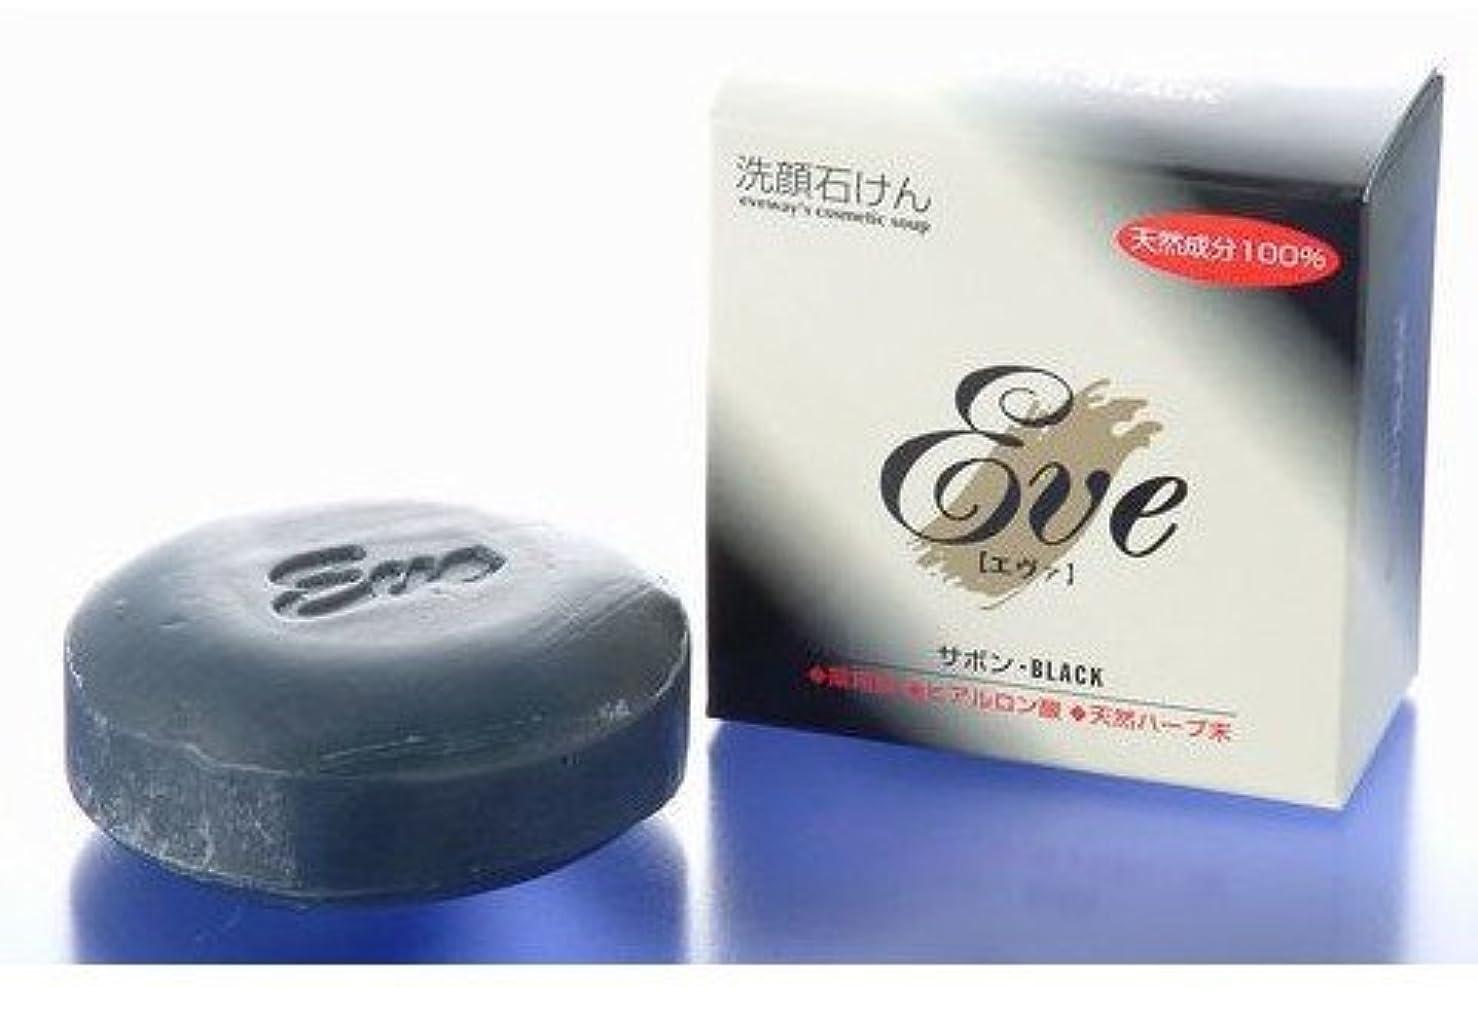 タービン第五フルーツ野菜洗顔 化粧石鹸 サボンブラック 3個セット クレンジングの要らない石鹸です。